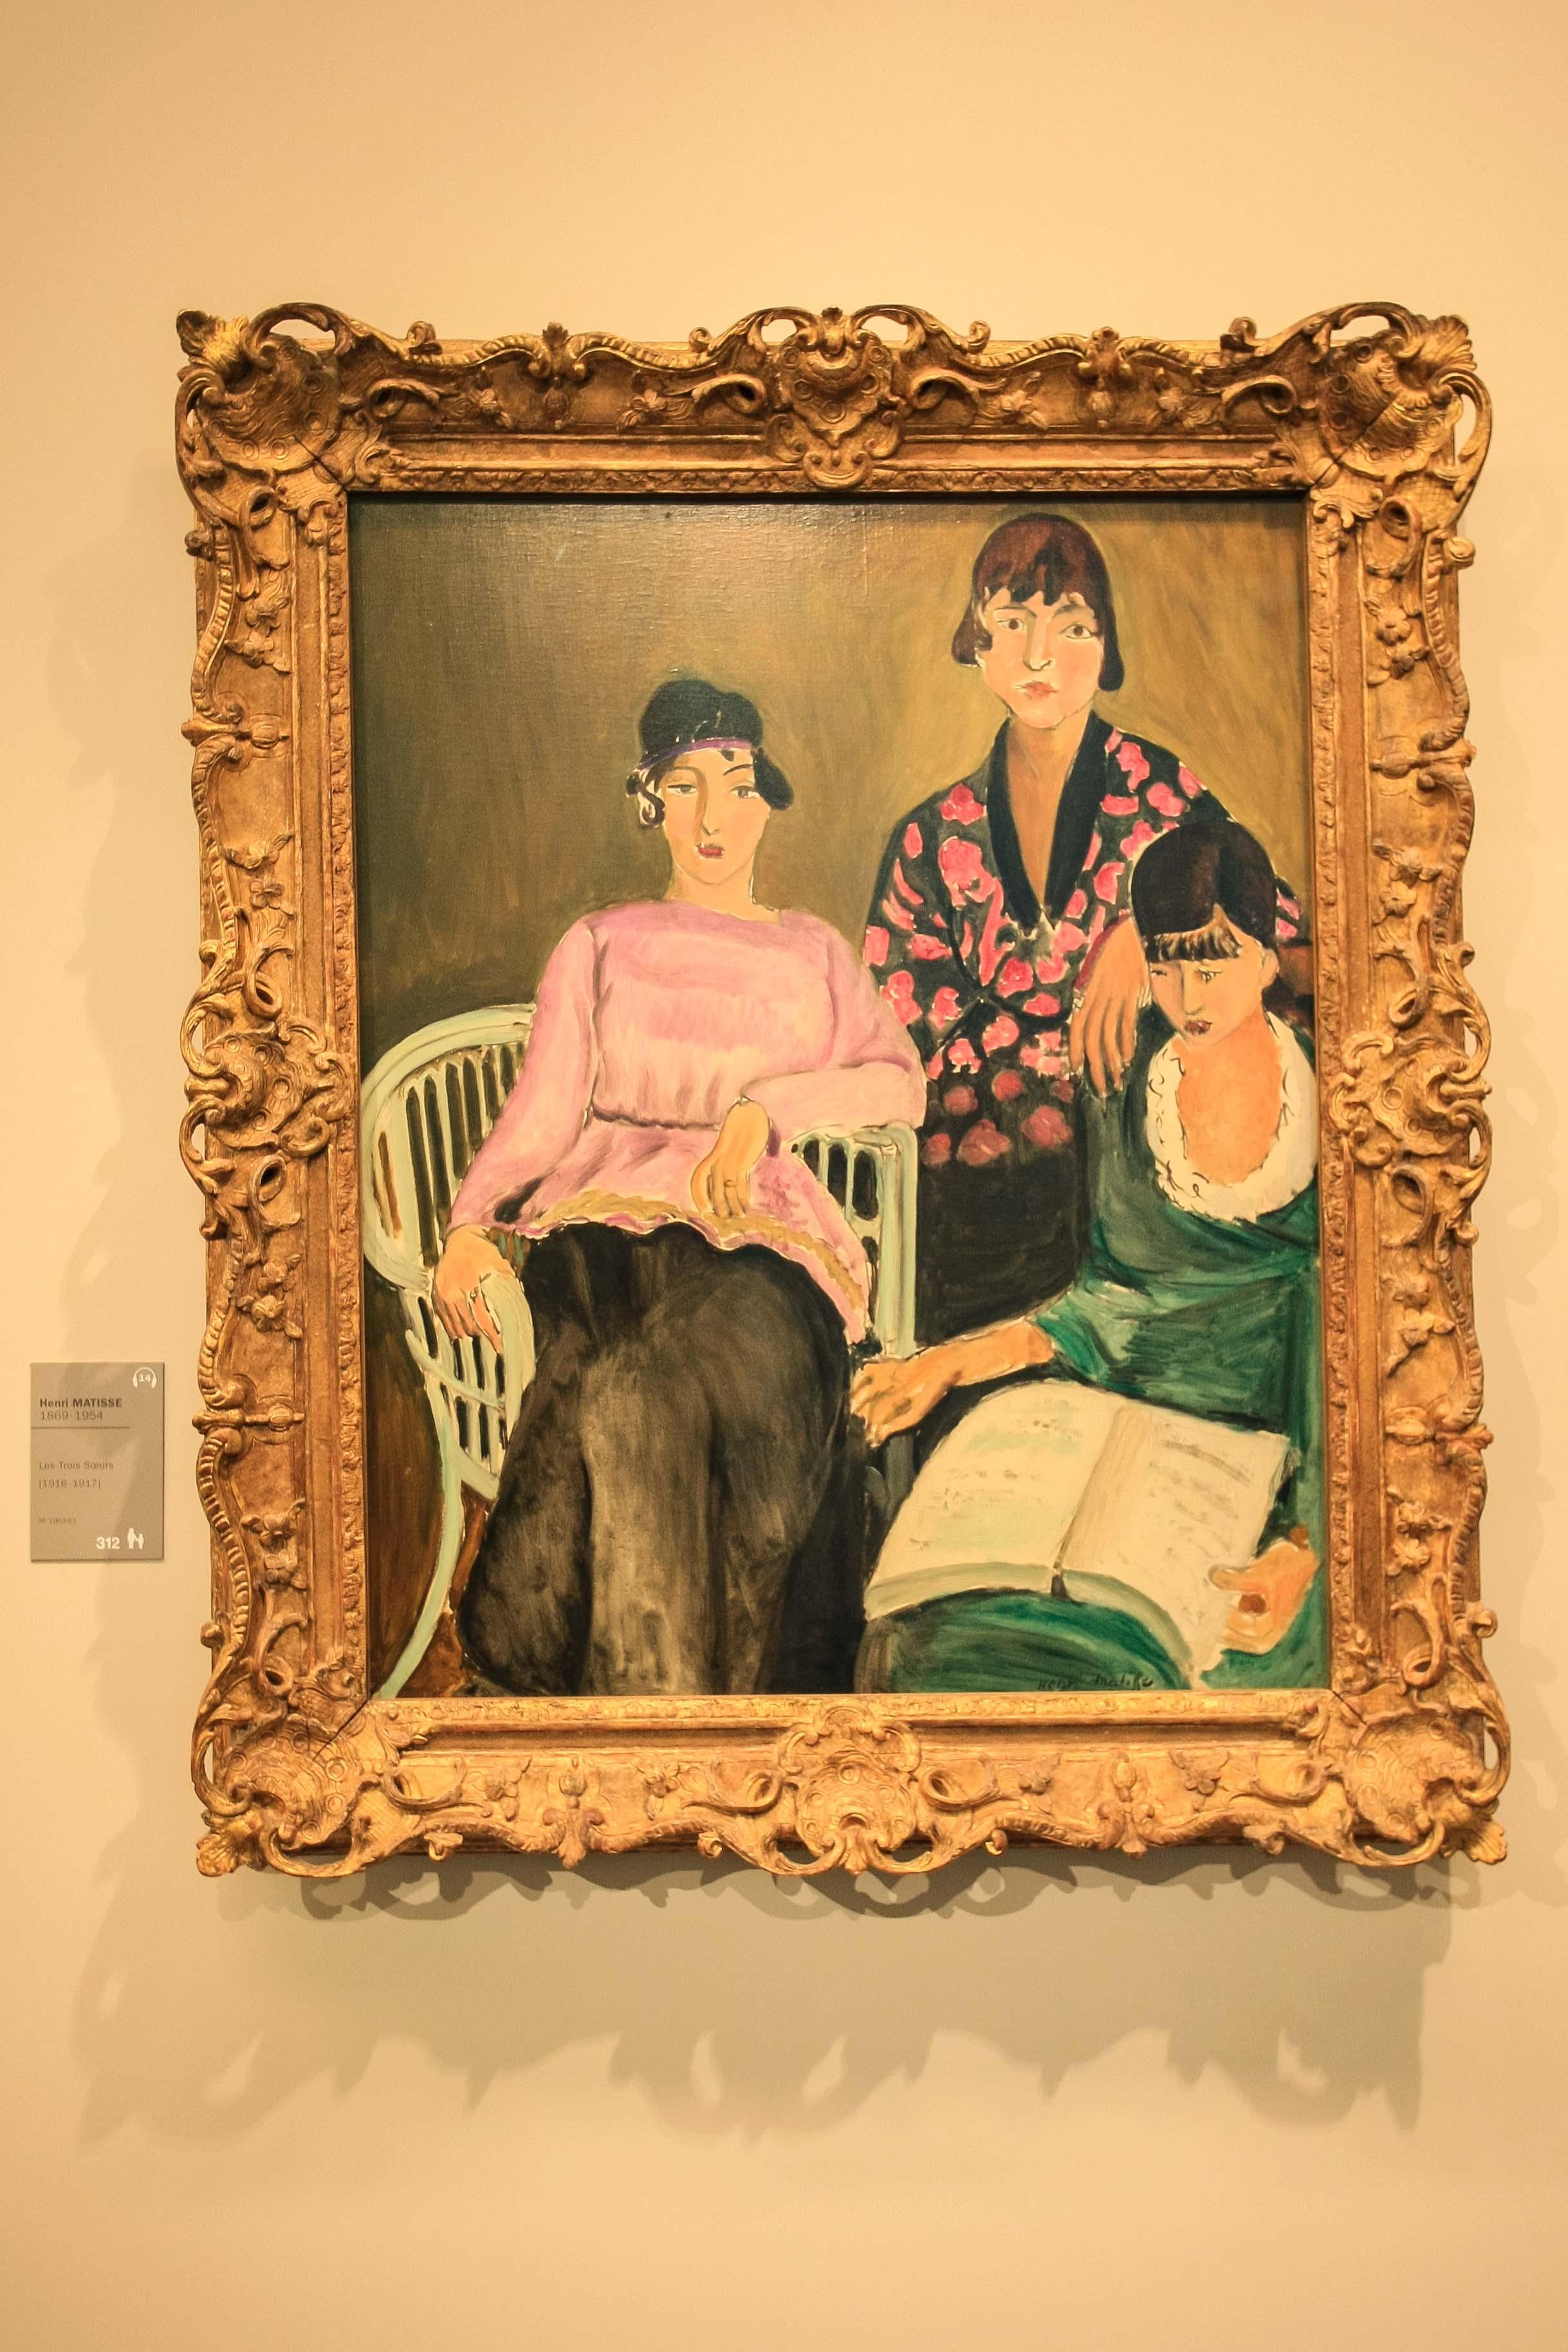 【フランス旅行】パリ オランジュリー美術館 アンリ・マティスという画家